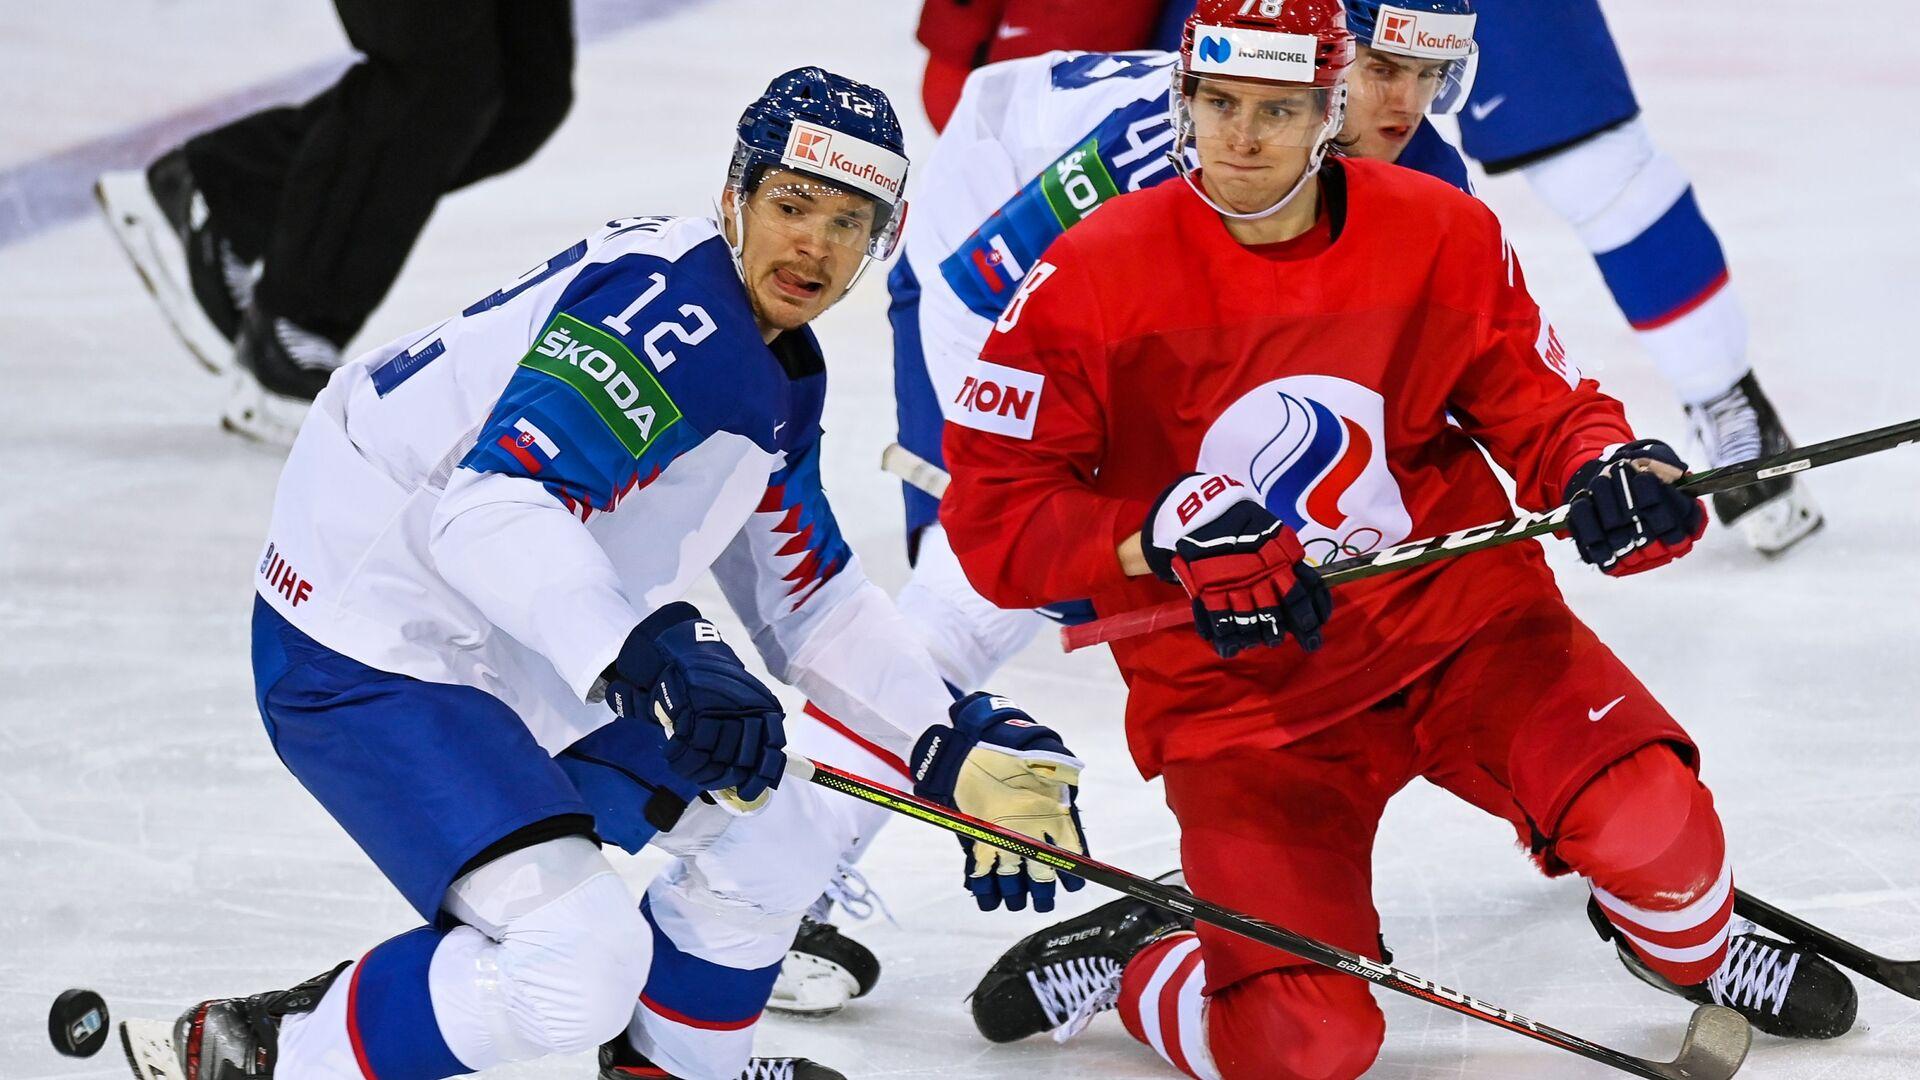 Miloš Kelemen (Slovensko) a Maxim Šalunov (Rusko) v zápase mistrovství světa v ledním hokeji 2021 mezi národními týmy Slovenska a Ruska - Sputnik Česká republika, 1920, 24.05.2021